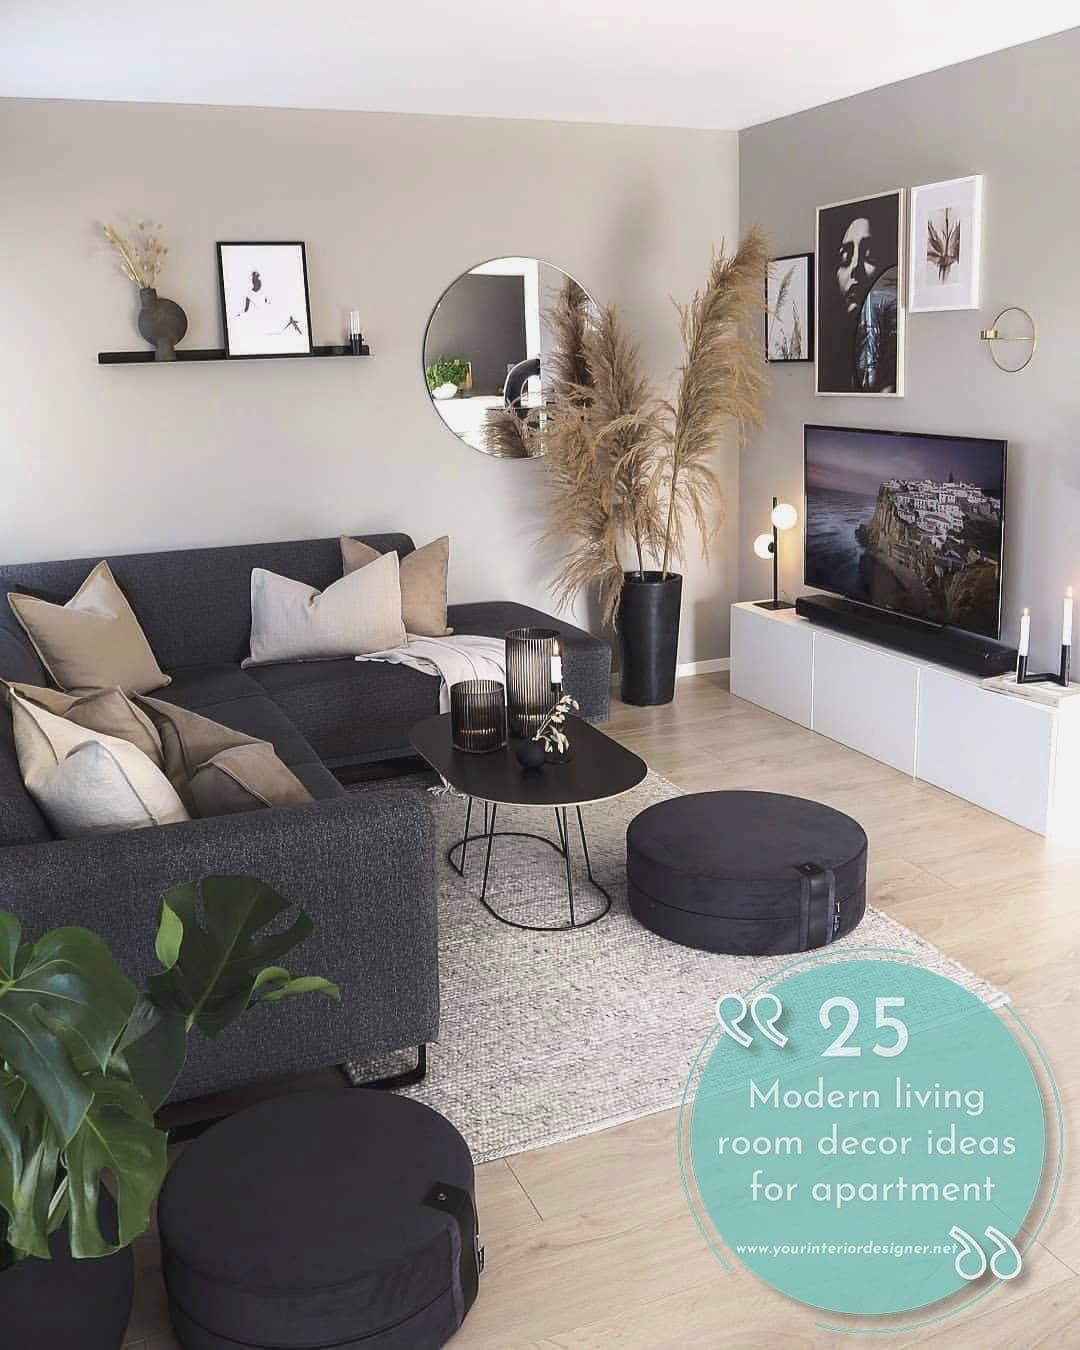 Schöne 10 Ideen Wohnzimmer Dekor Wohnung in 10  Living room